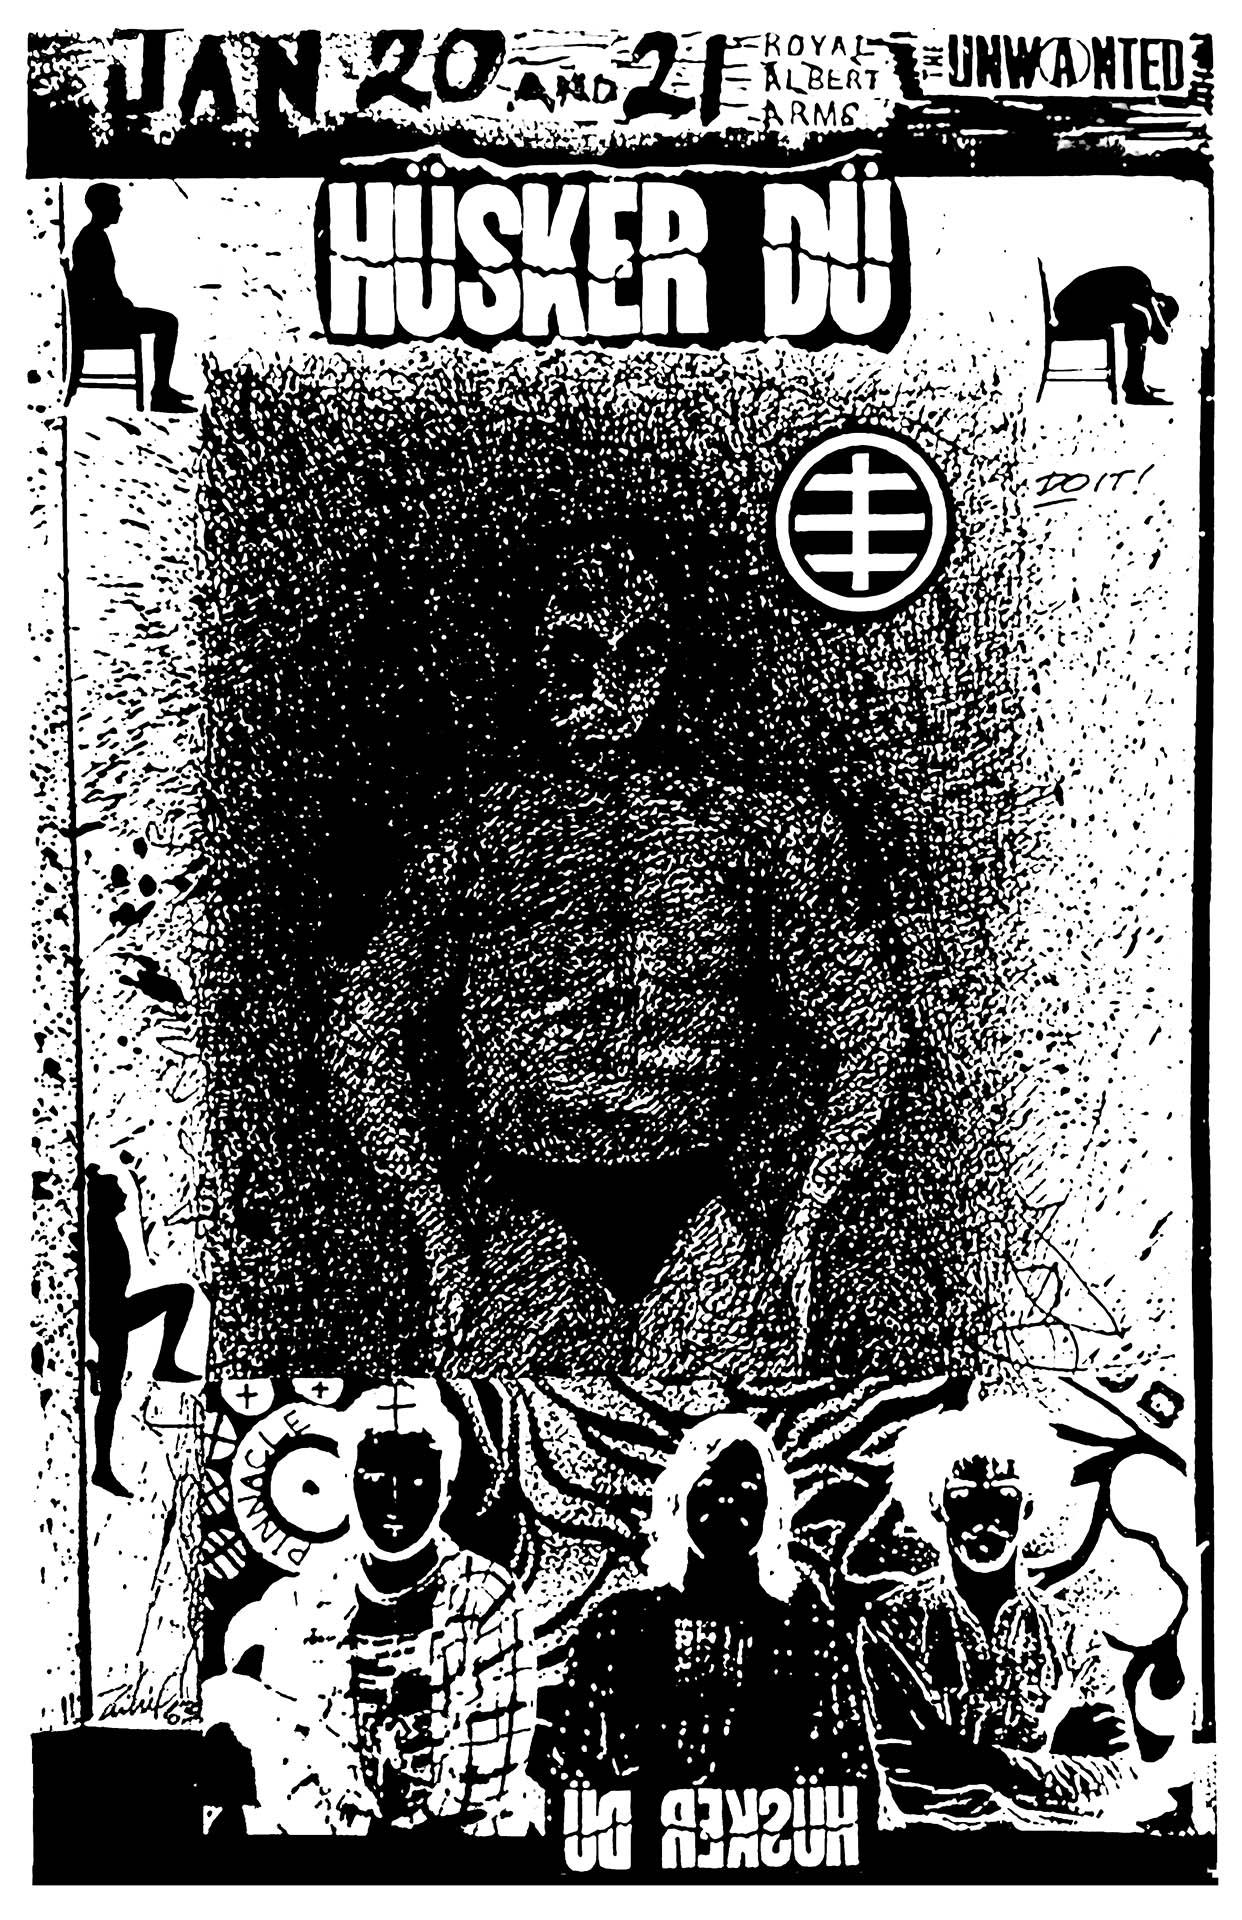 HUSKER DU – 1984